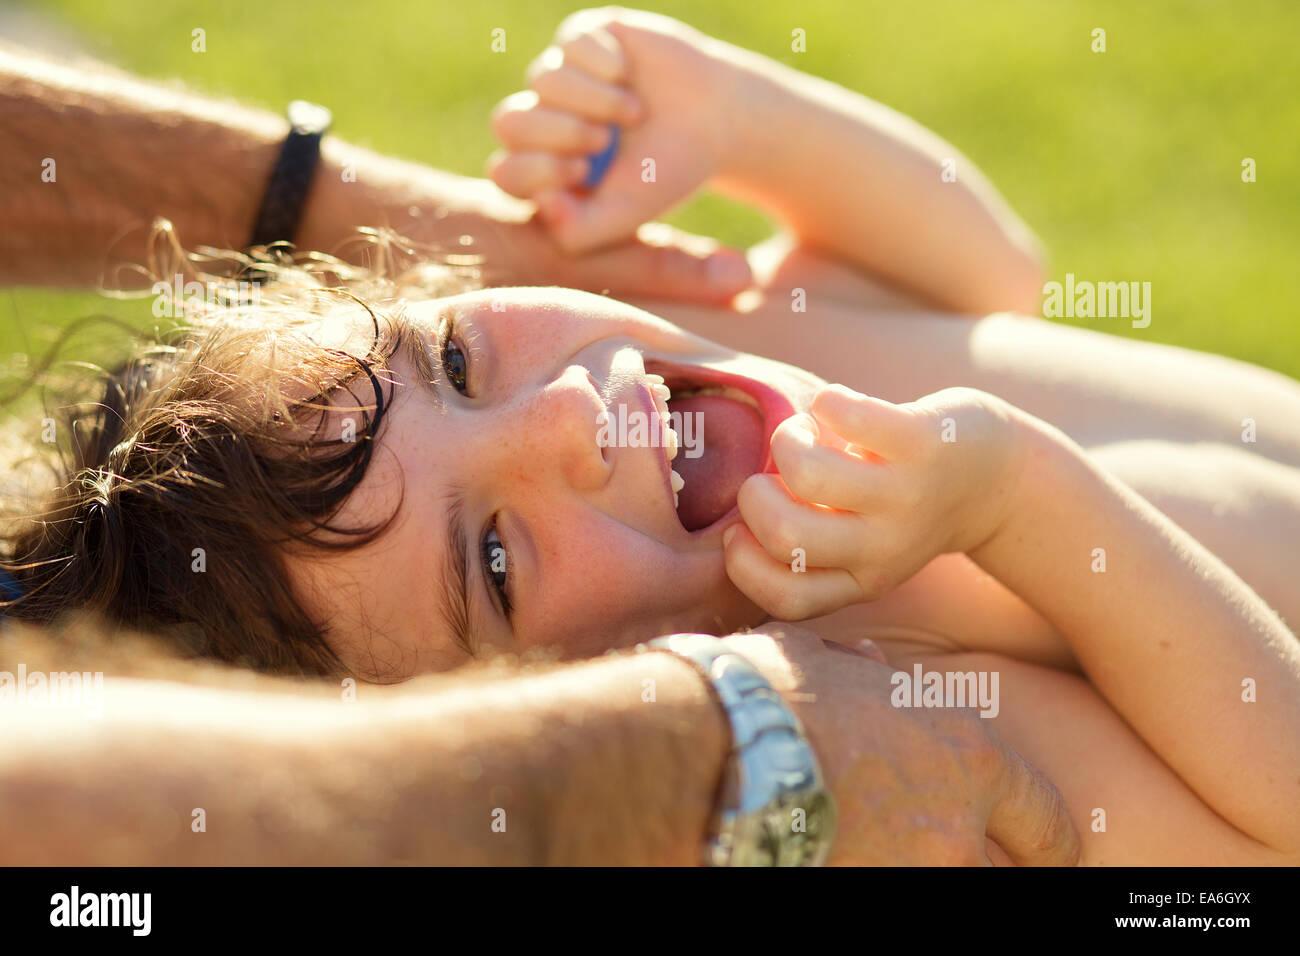 Chica se hace cosquillas y riendo Imagen De Stock